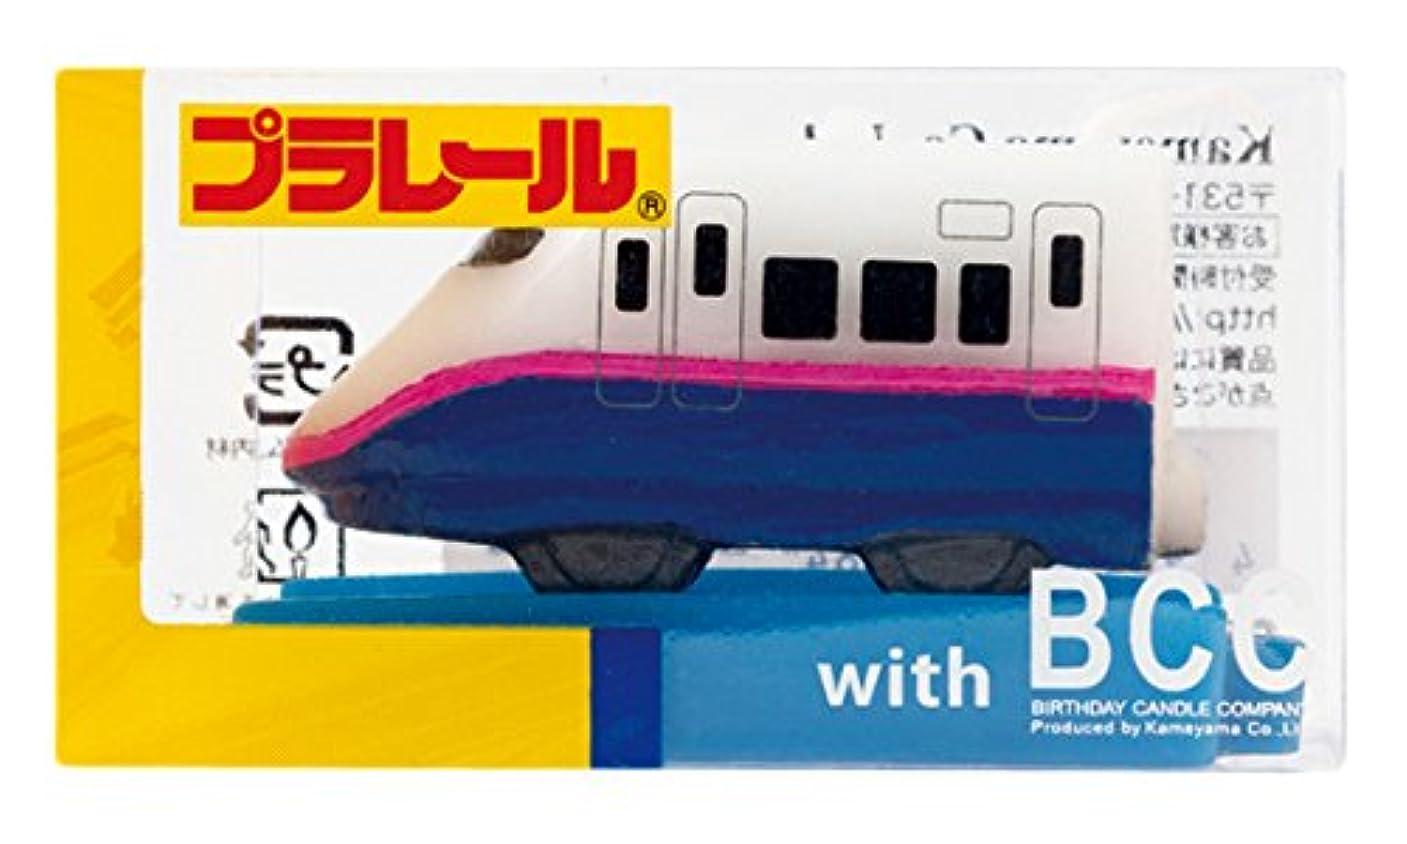 憎しみパネルしおれたプラレールキャンドルE2系新幹線 56320002